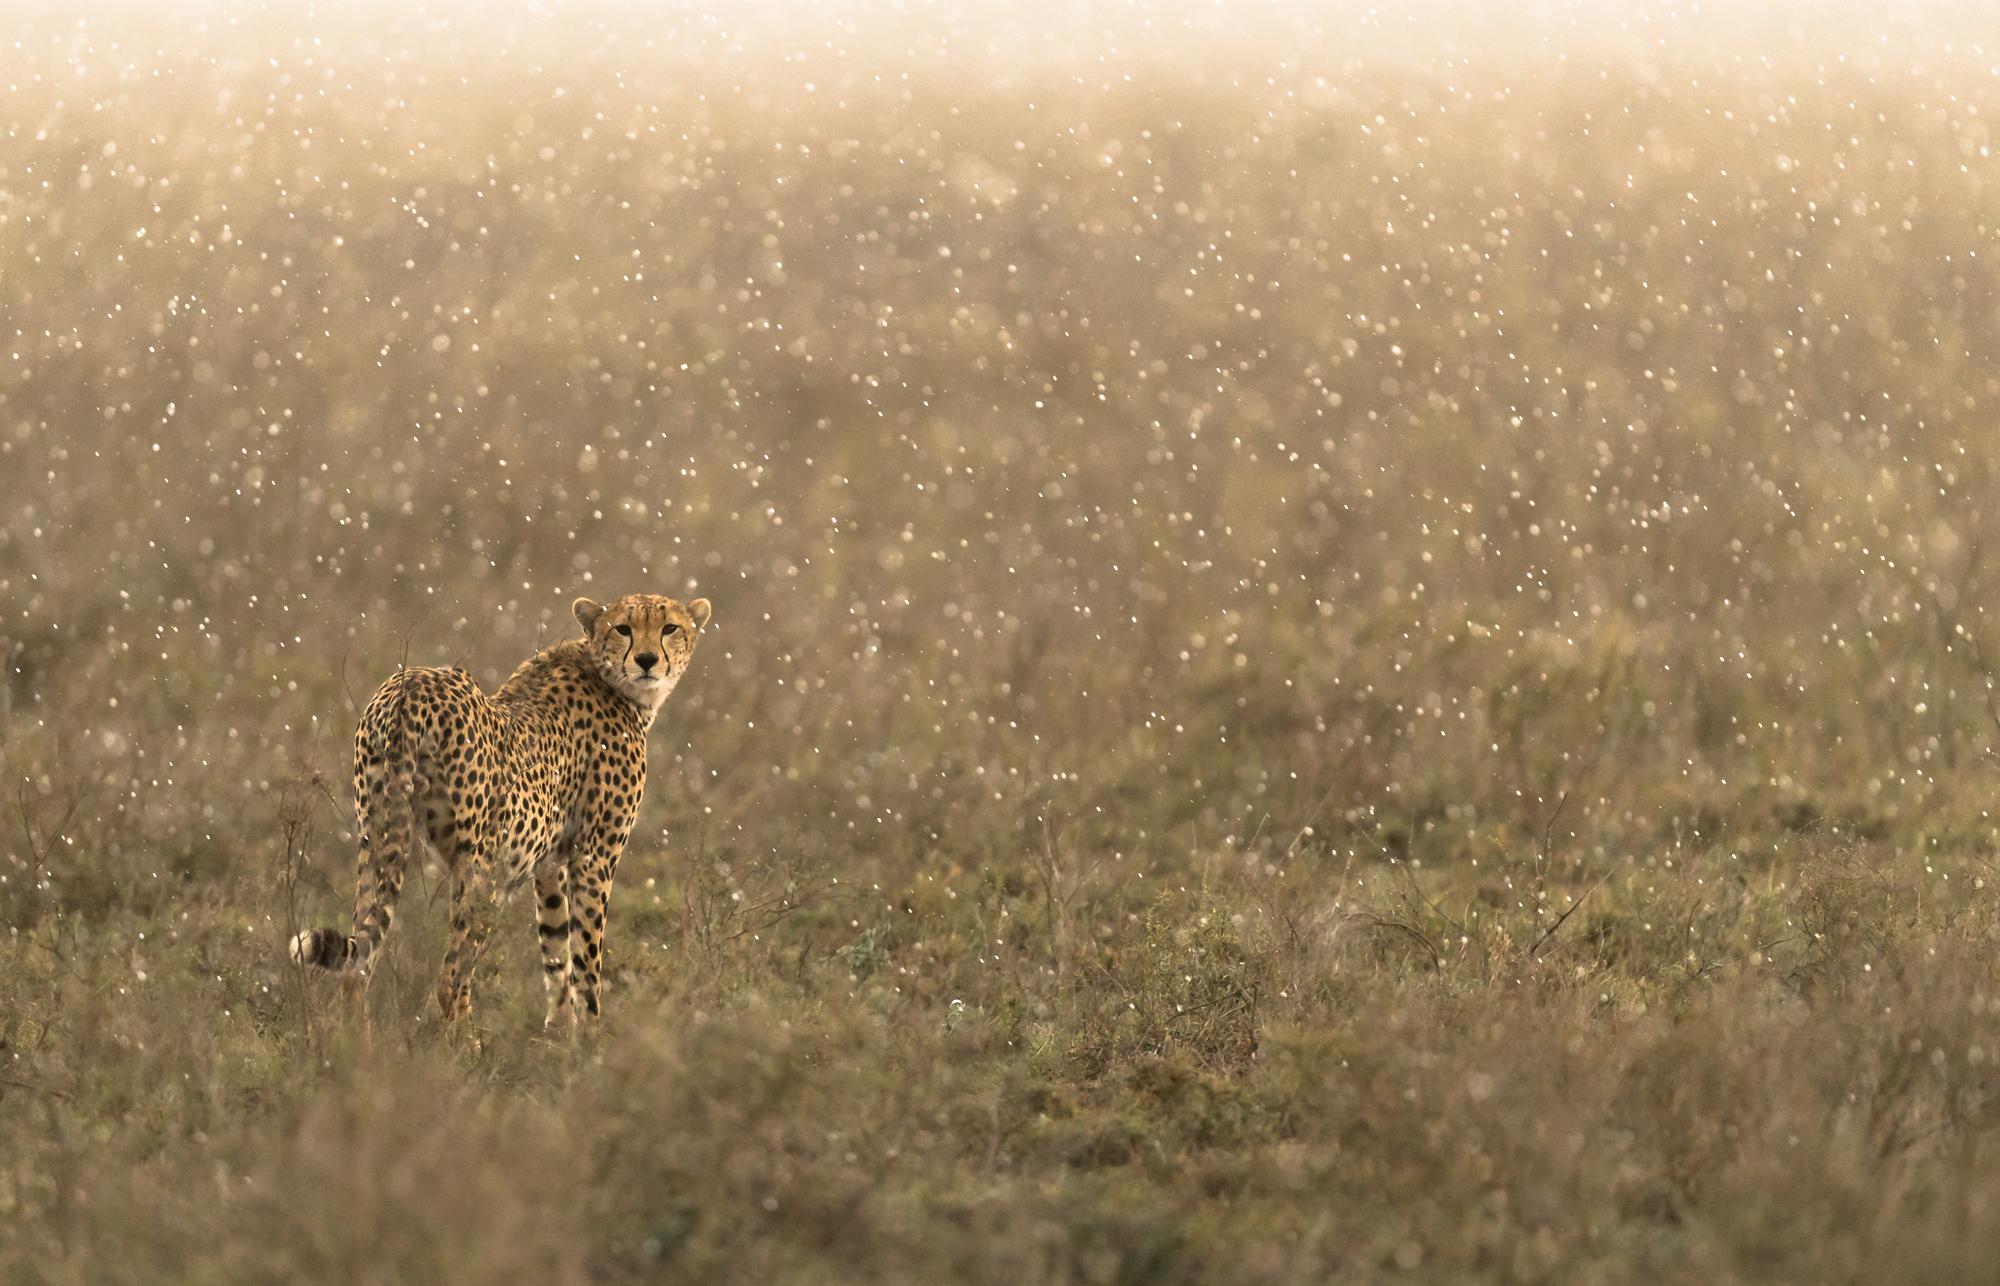 Cheetah in the rain © George Turner